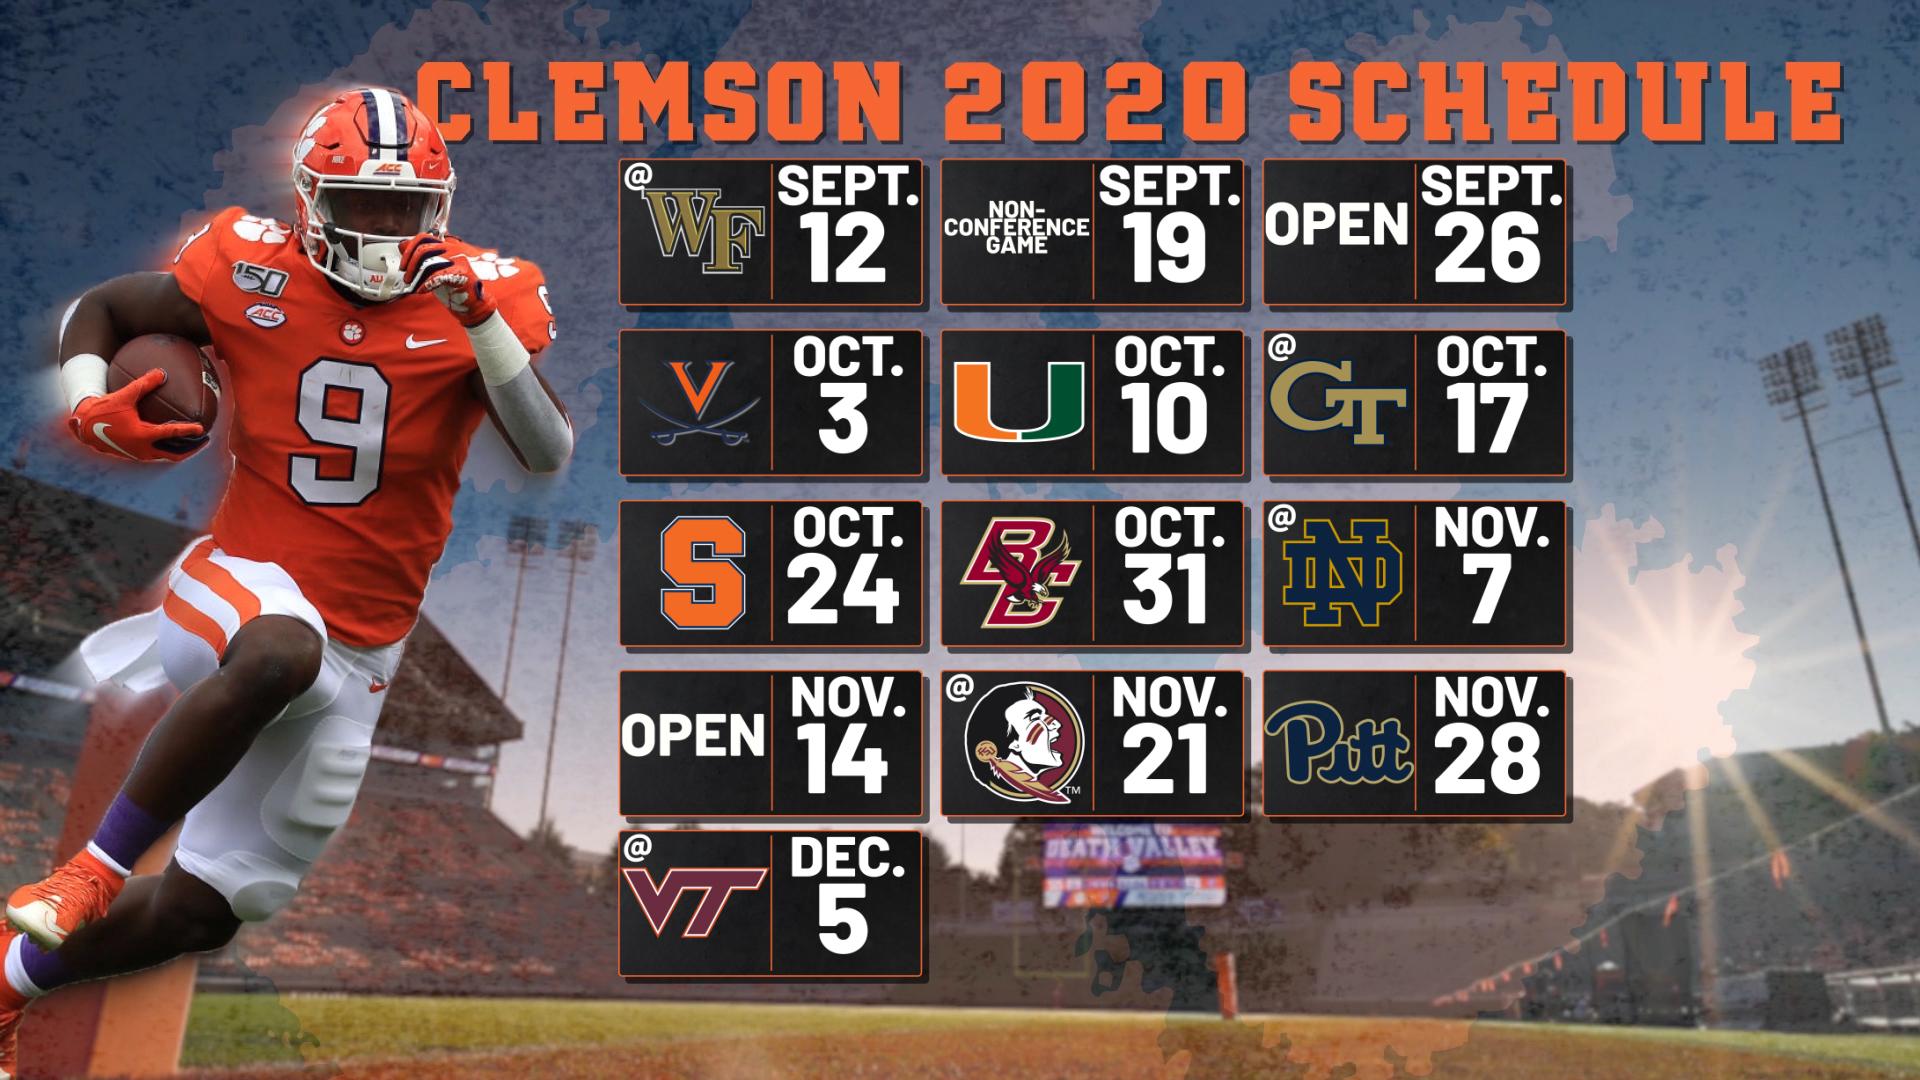 2020 Clemson Football Schedule Released